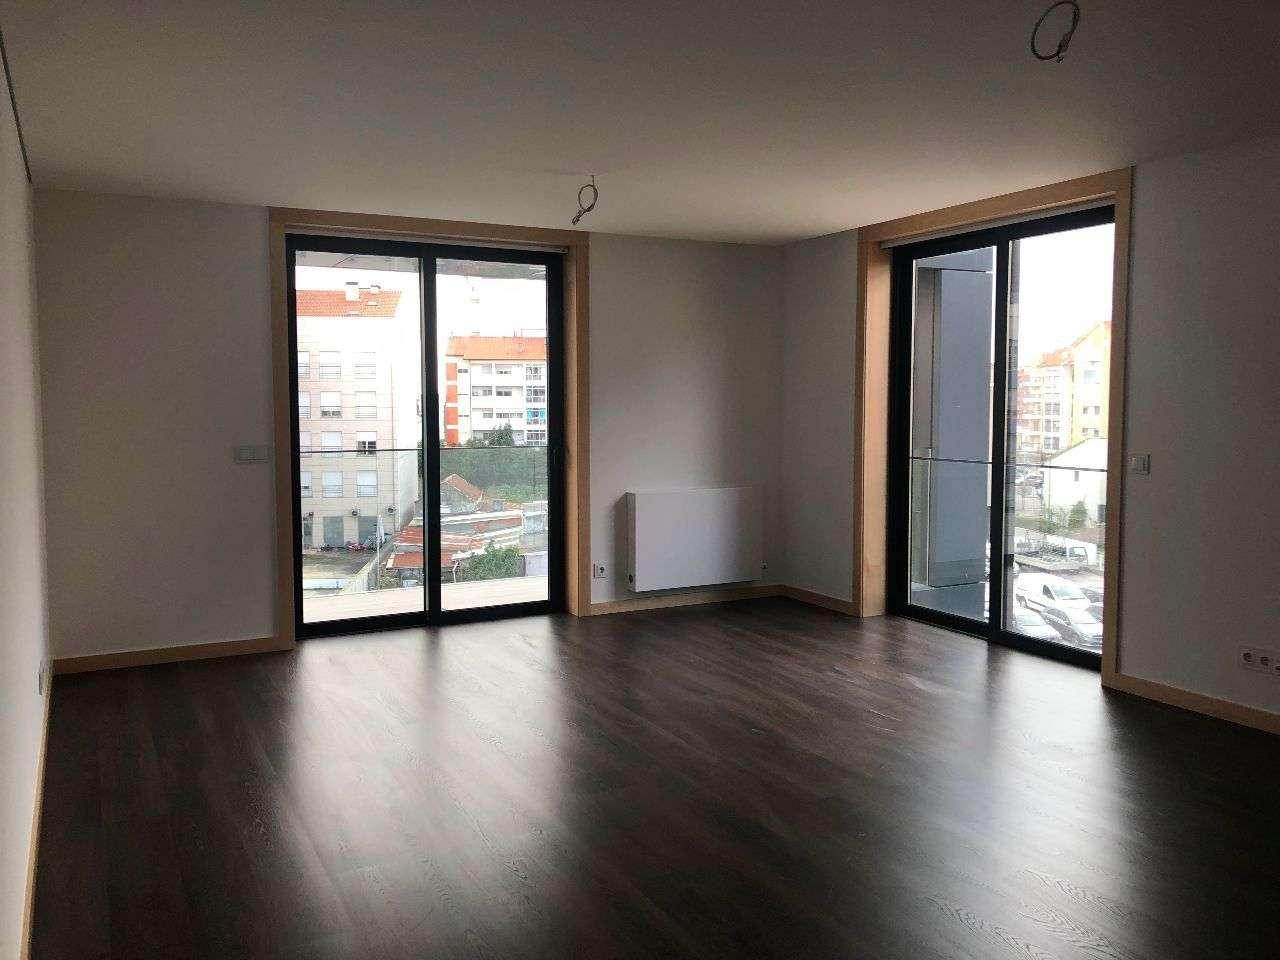 Apartamento para comprar, Rua das Glicínias - Urbanização Glicínias, Aradas - Foto 17